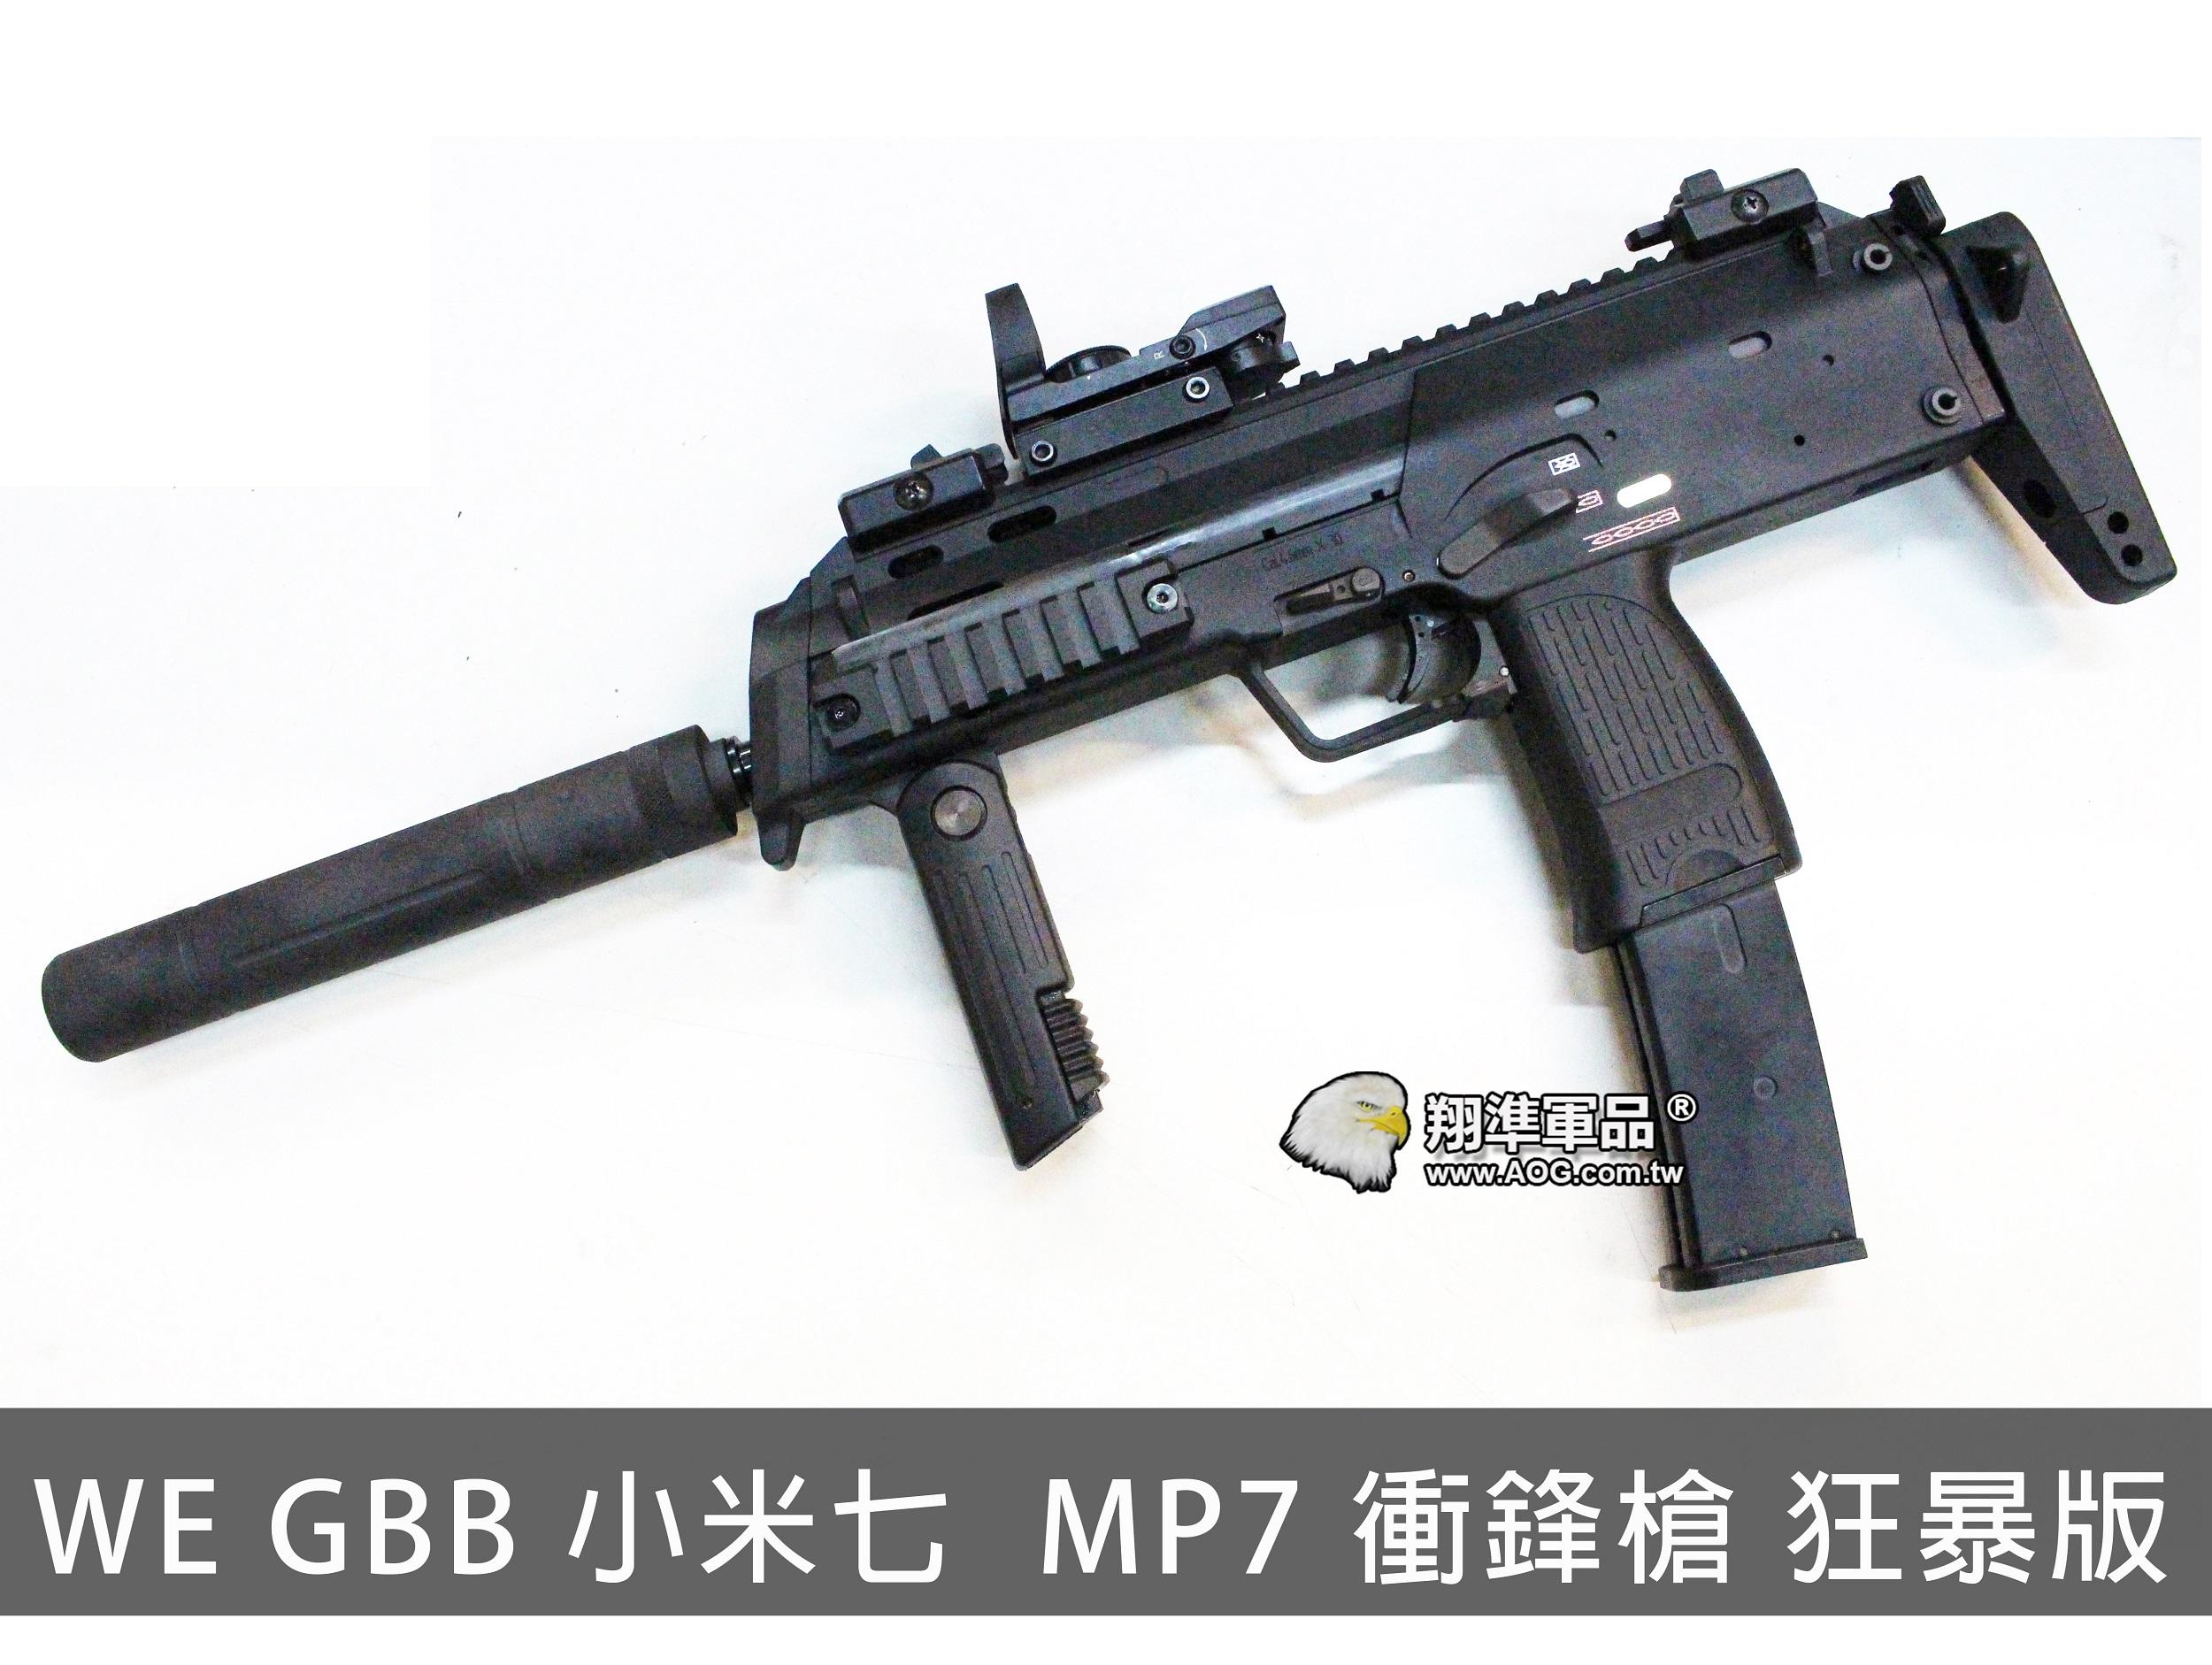 【翔準國際AOG】WE 小米七 MP7 GBB 狂暴版 約150M/S  射程50米 瓦斯槍 握把+滅音器+L型內點+HOP皮